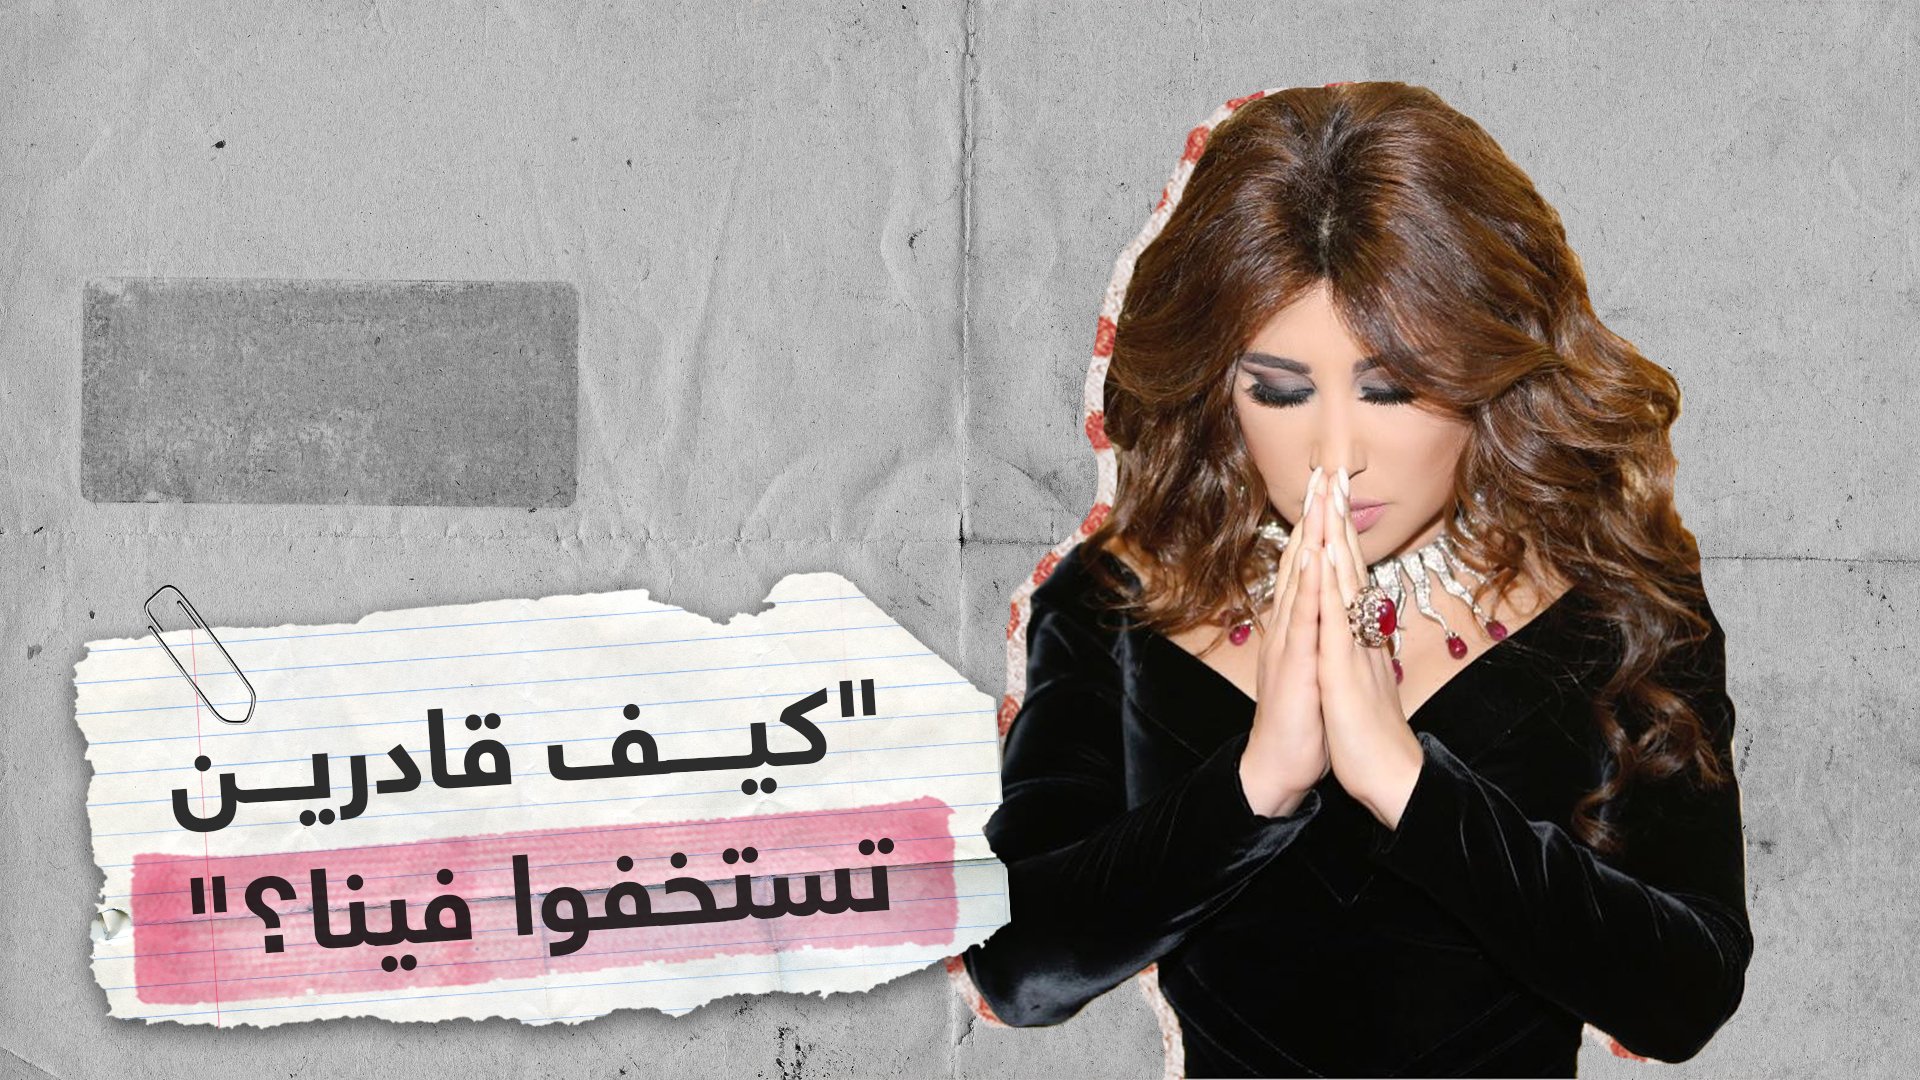 نجوى كرم توجه رسالة للسياسيين وتعزي أهالي ضحايا انفجار بيروت